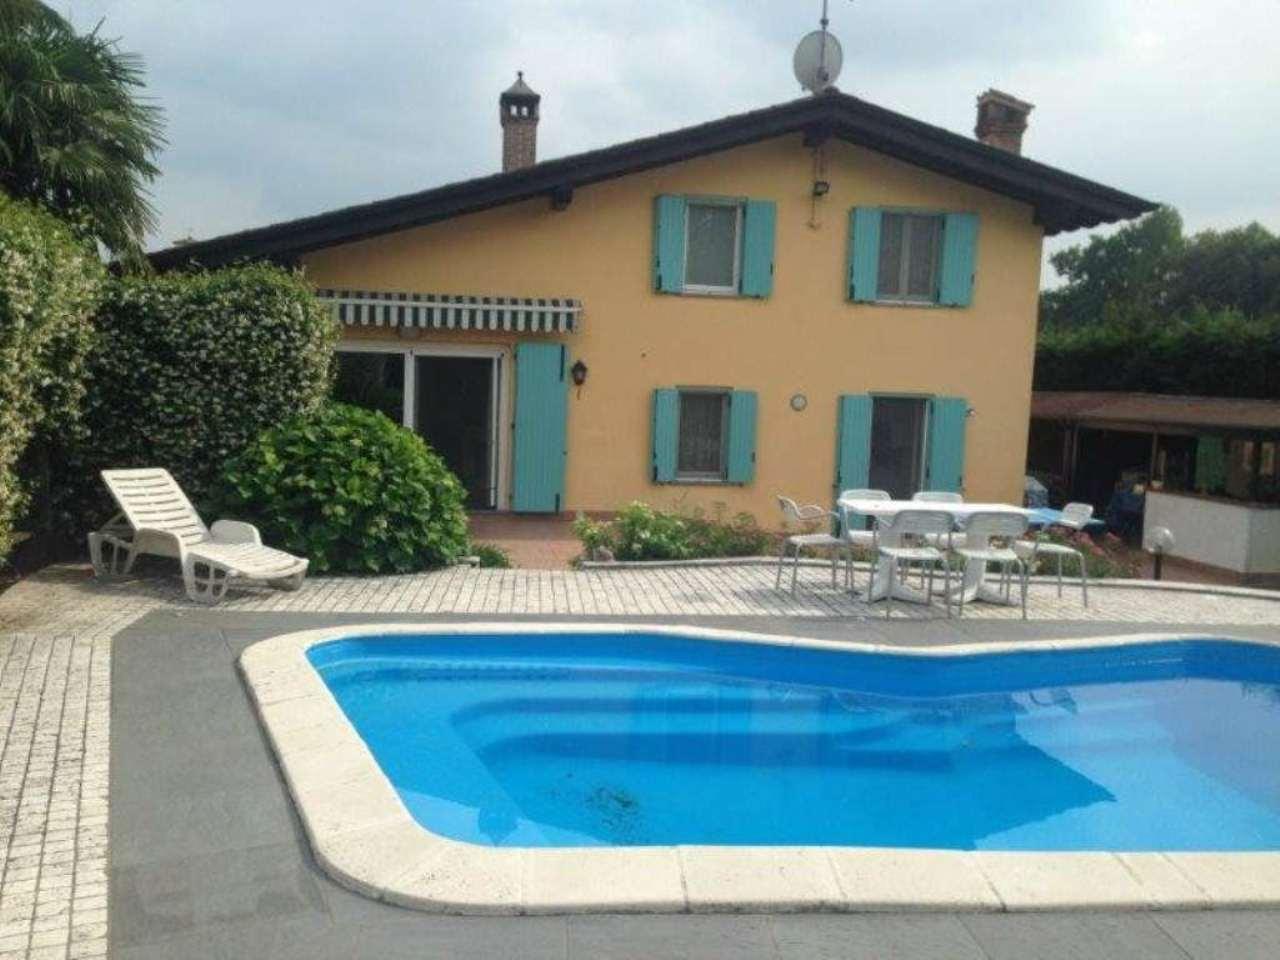 Villa in vendita a Torlino Vimercati, 4 locali, prezzo € 420.000 | Cambio Casa.it